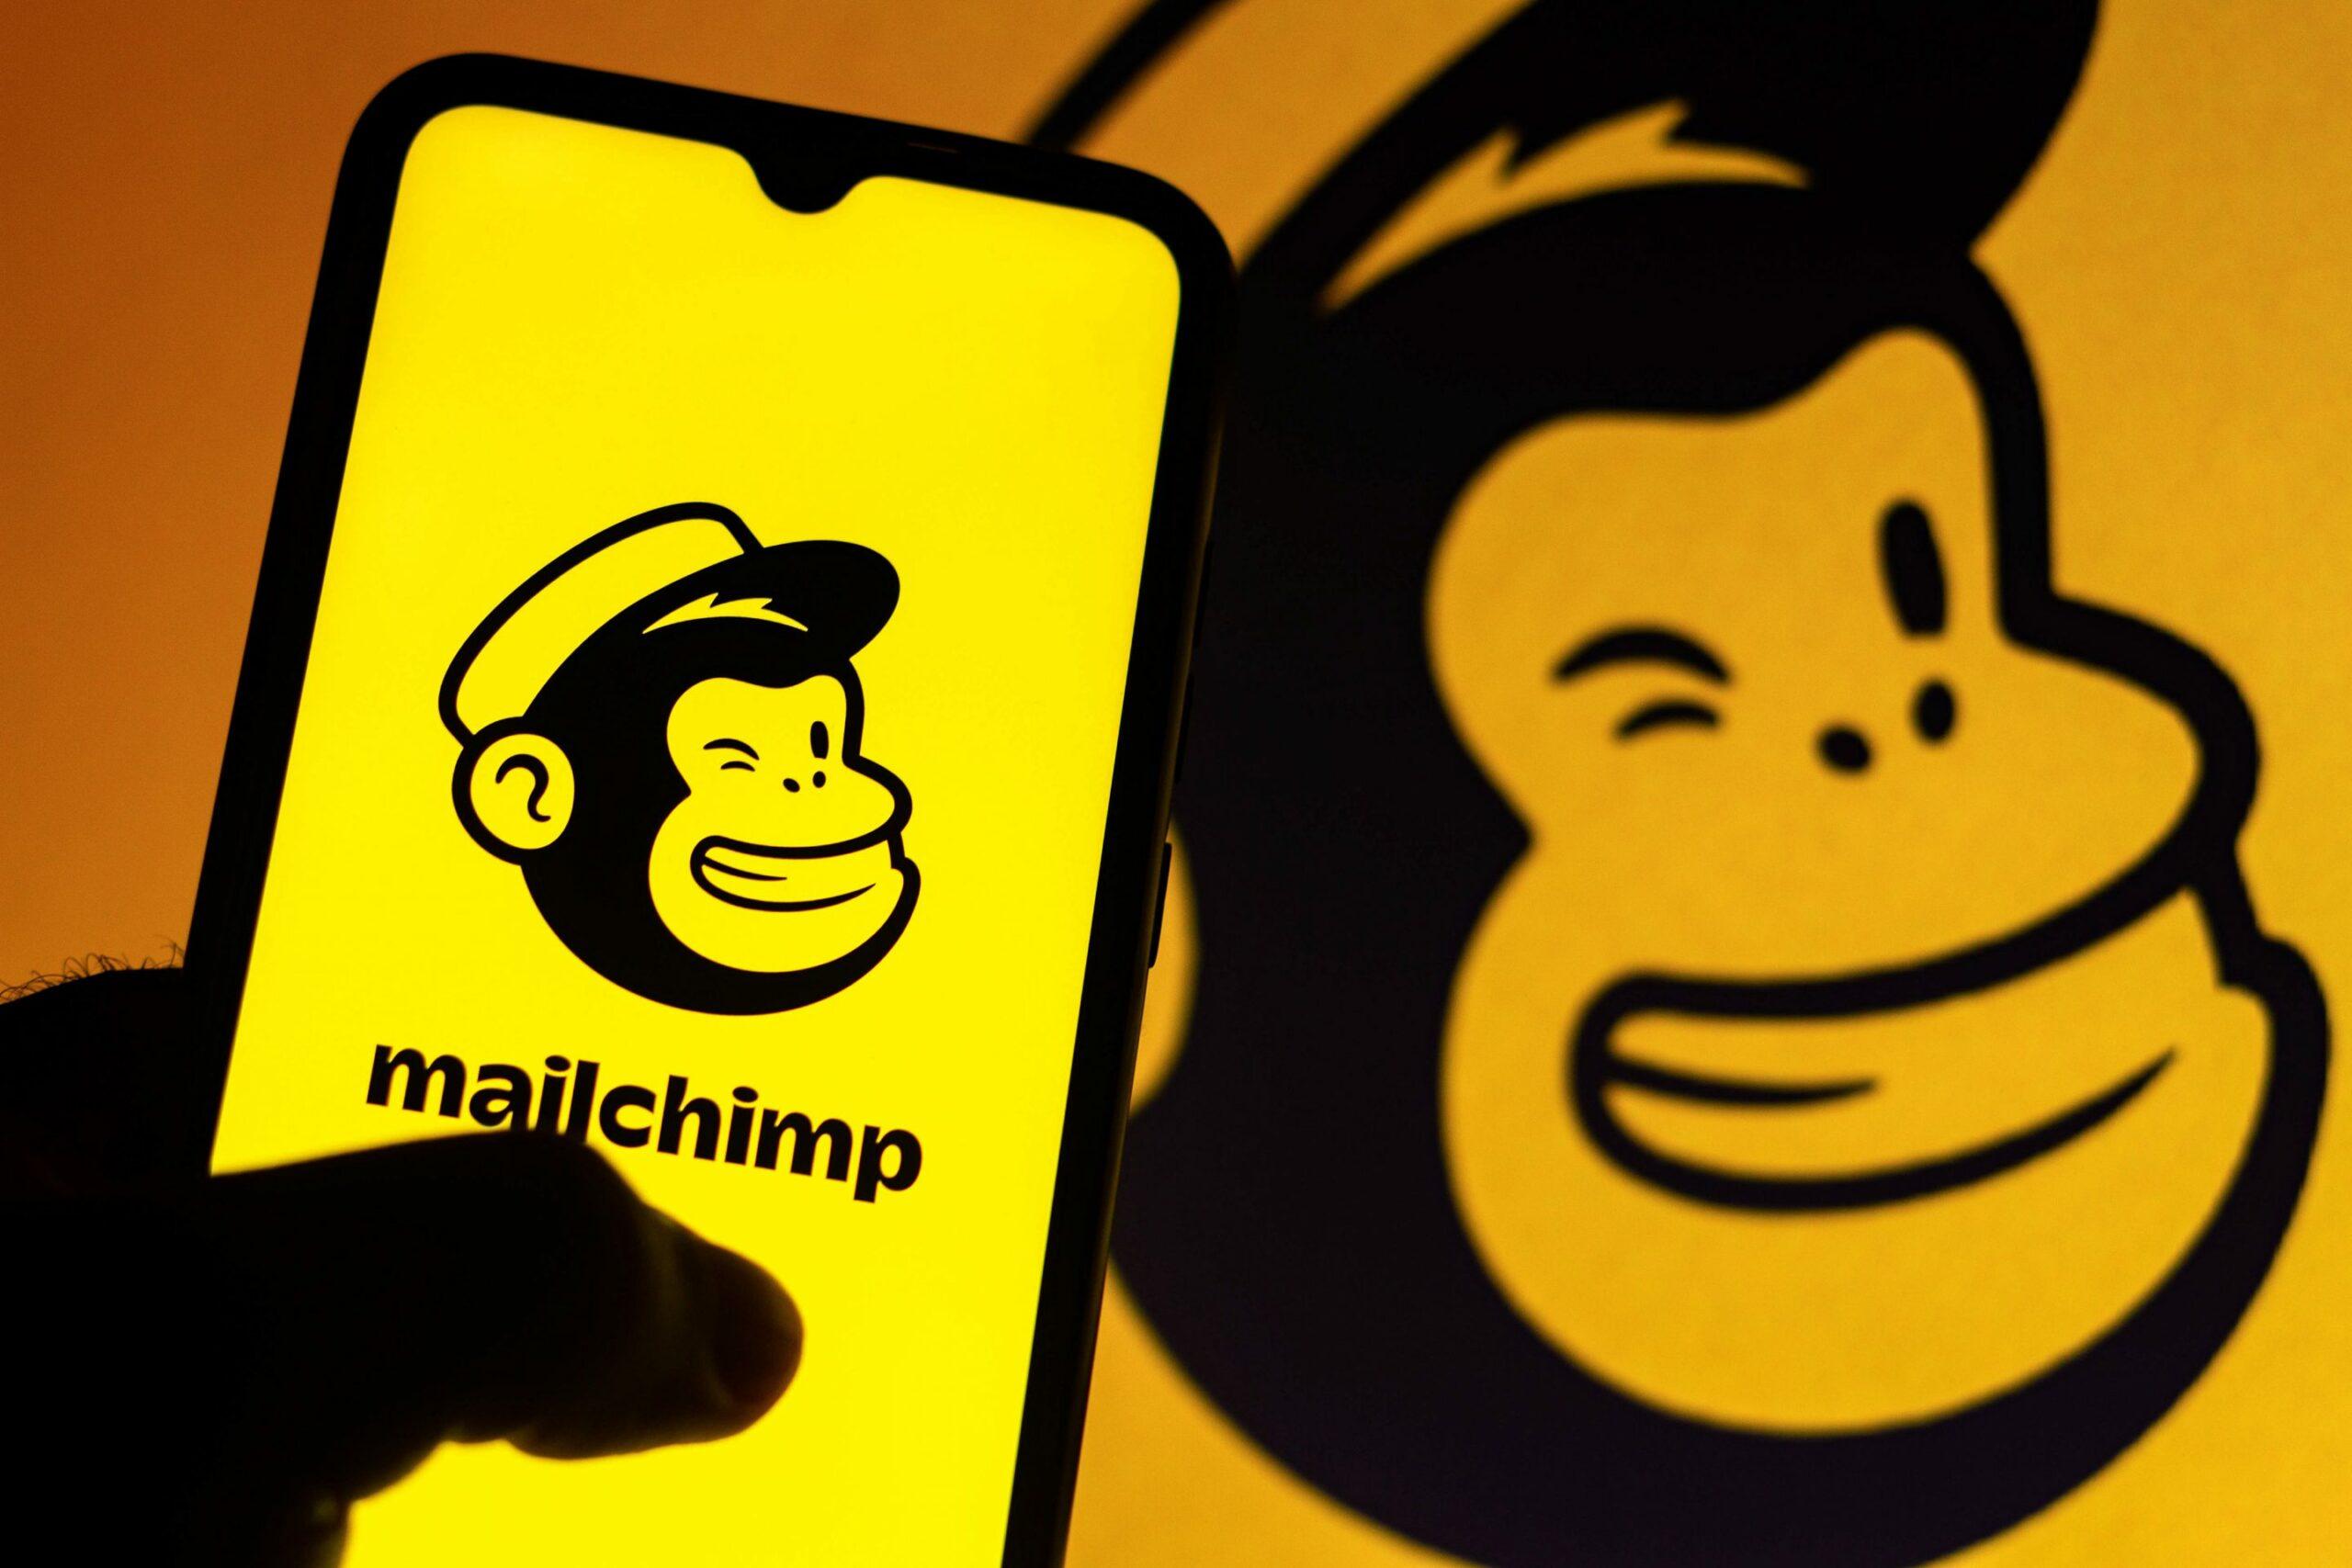 Intuit To Acquire Popular Email Marketer's Firm, Pays Mailchimp $12 Billion, mailchimprevenue, mailchimpfunding, ben chestnut, mailchimpfounders, mailchimprevenue 2020, mailchimpbootstrapped, mailchimpwiki, mailchimpcareers